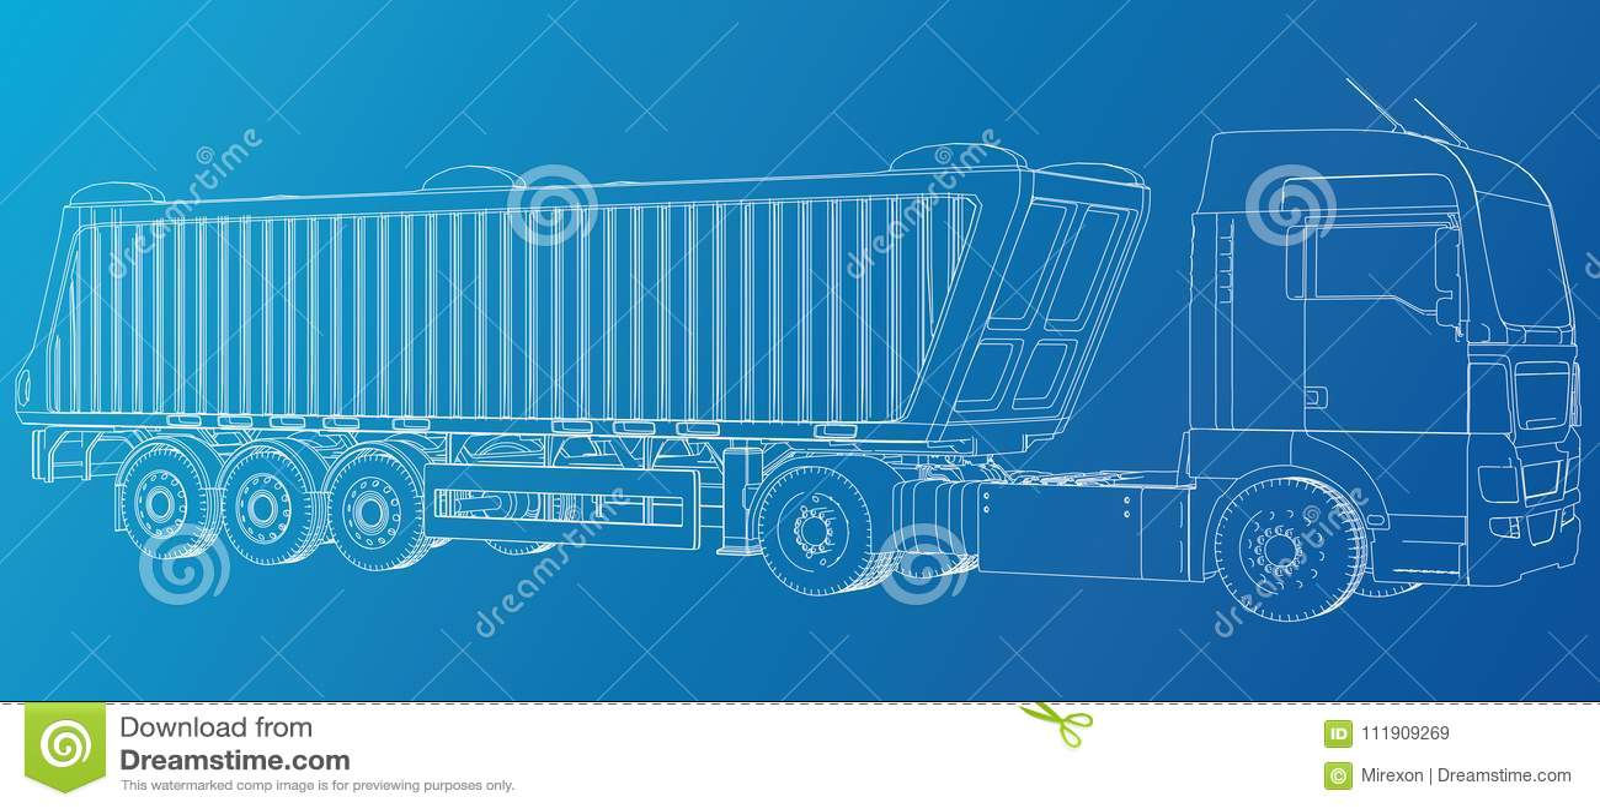 Modelo do vetor do reboque do caminhão basculante do caminhão para anunciar Ilustração criada de 3d Fio-quadro